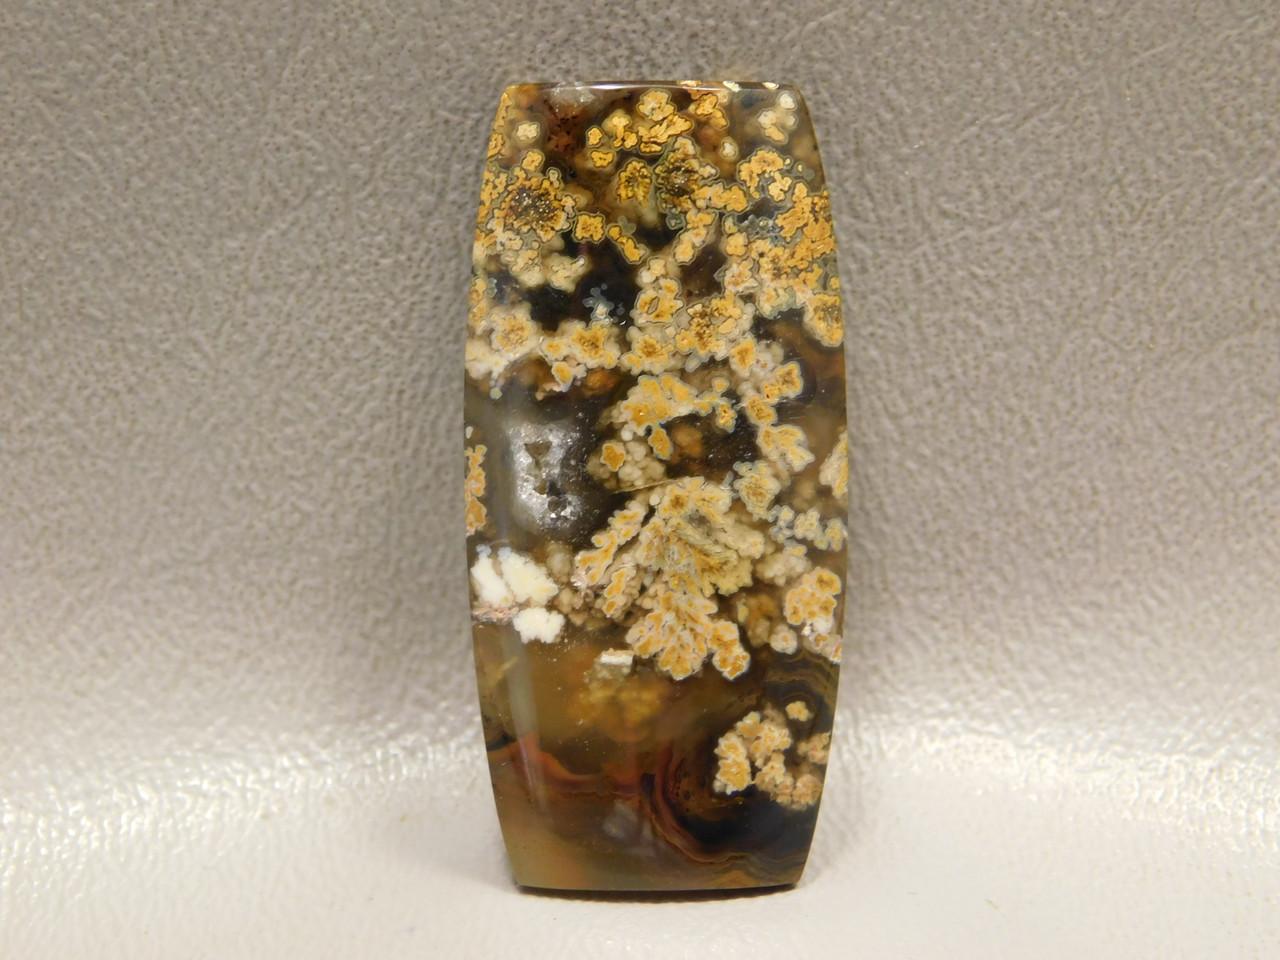 Priday Plume Agate Cabochon Stone Oregon #20